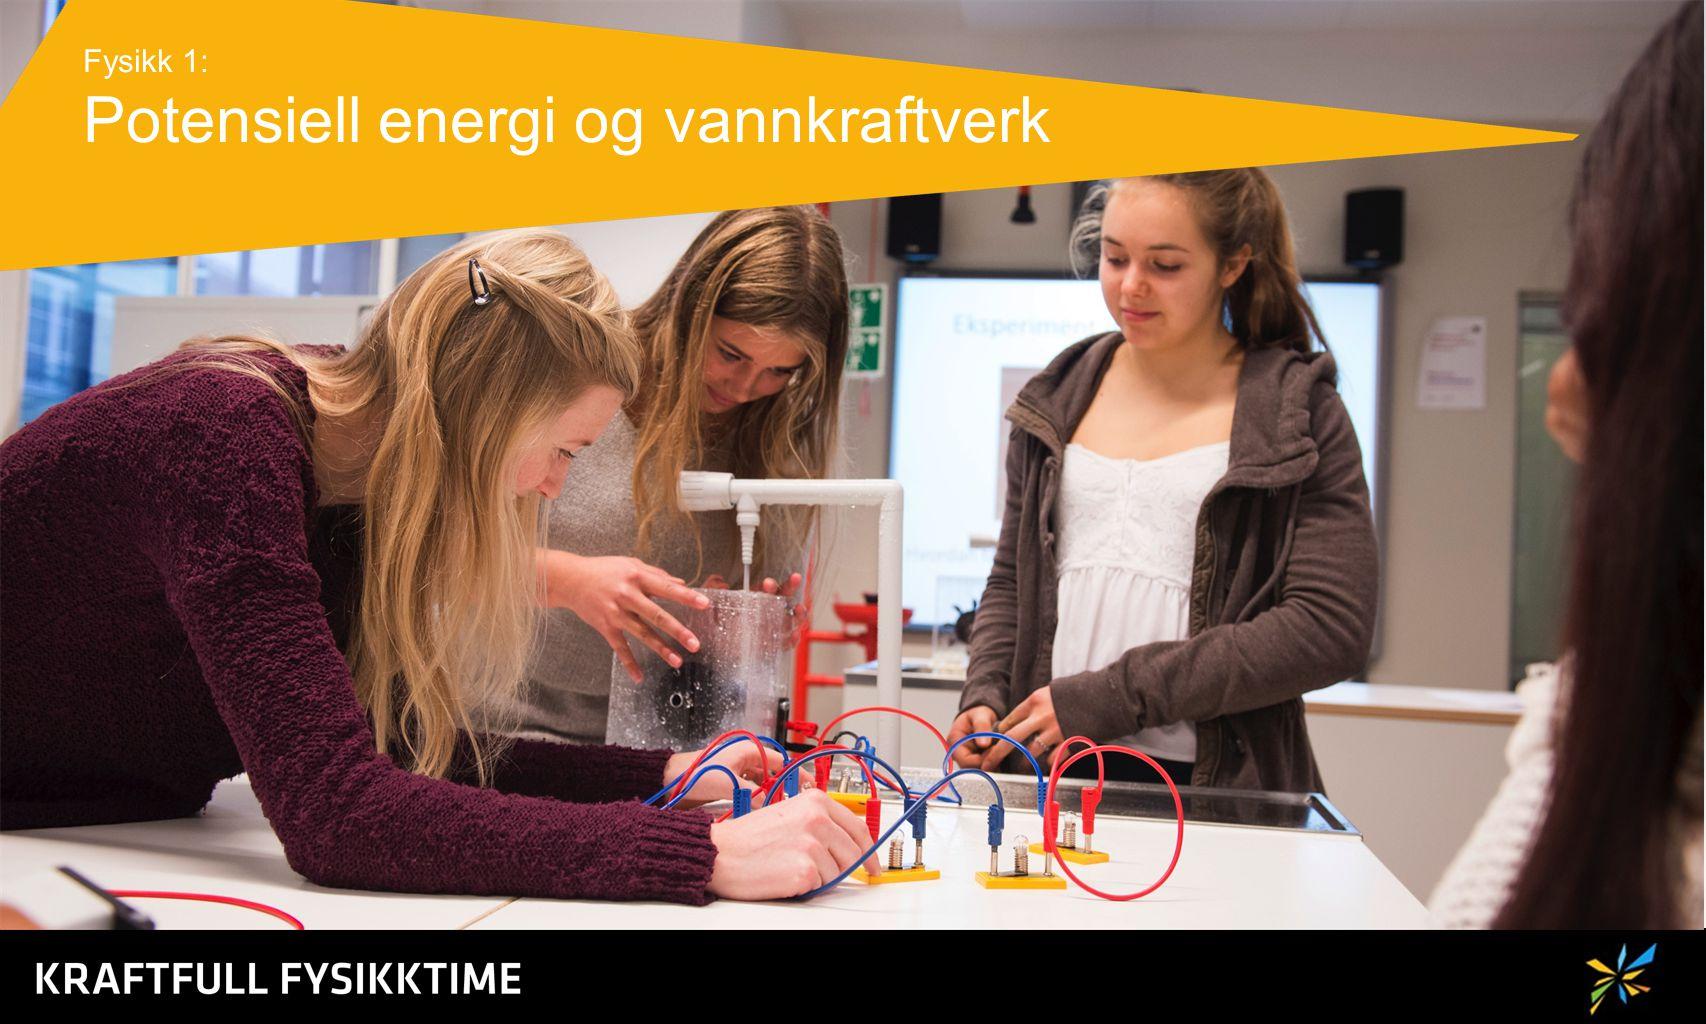 Fysikk 1: Potensiell energi og vannkraftverk